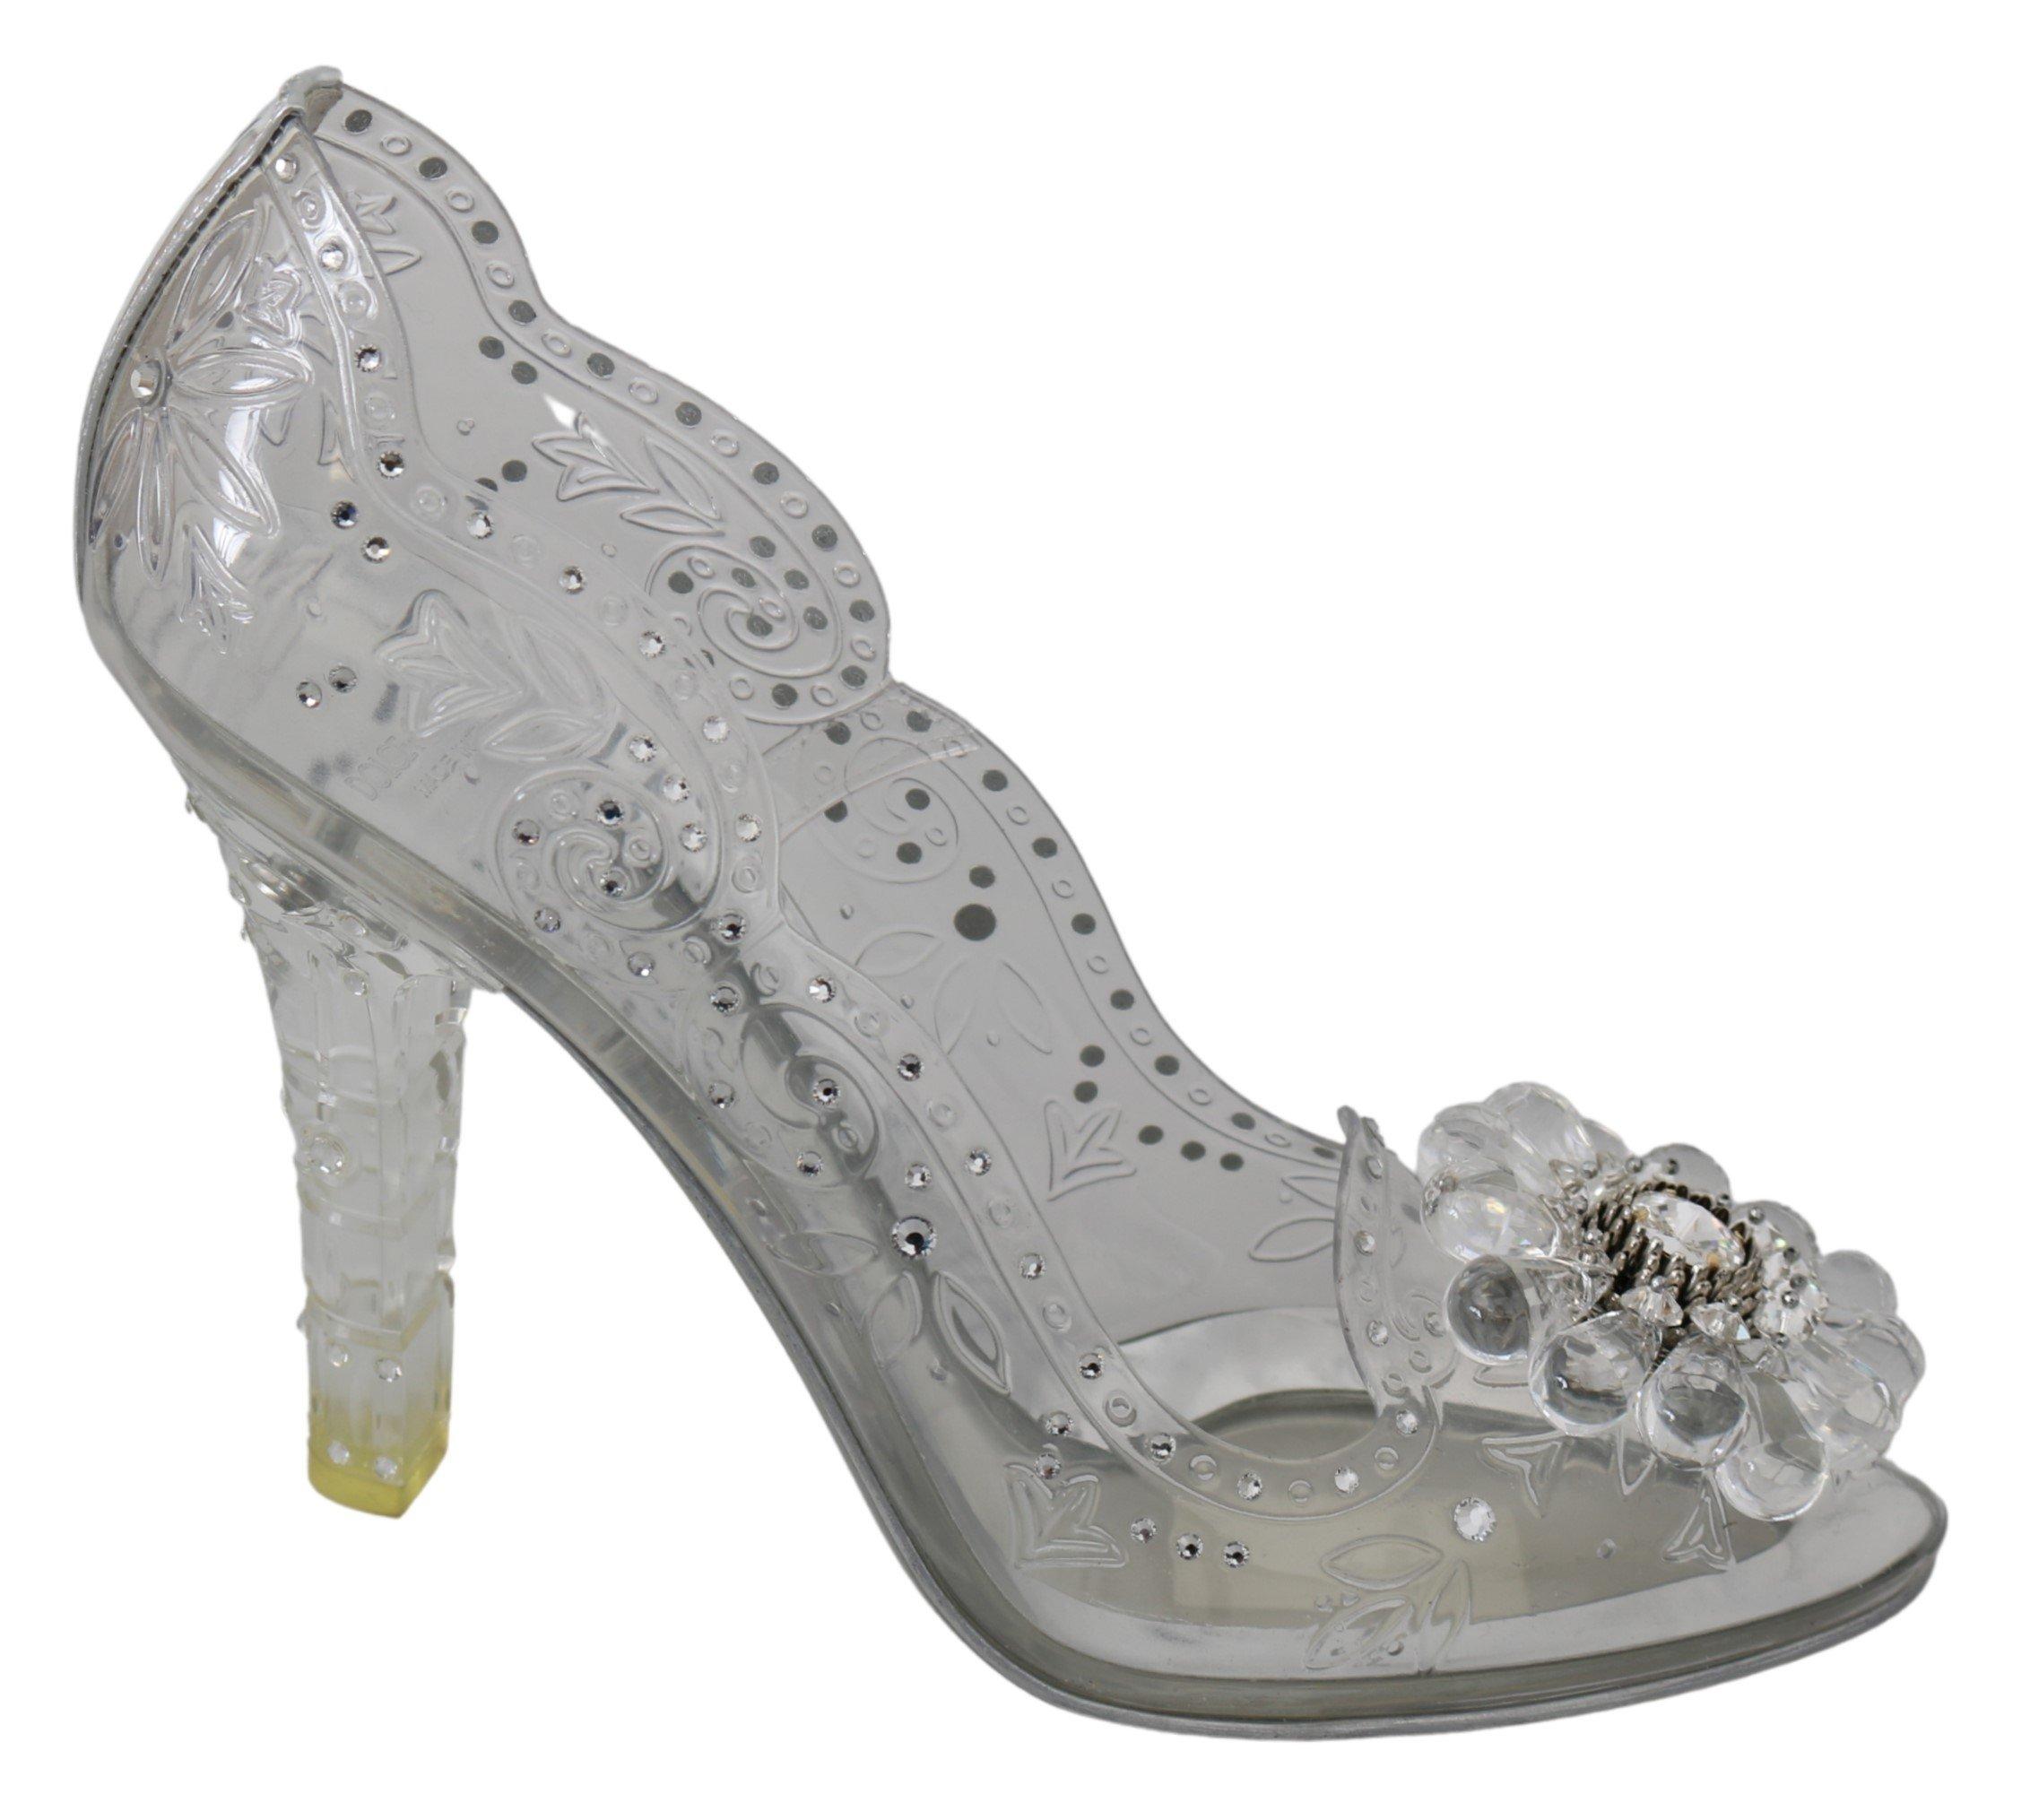 Dolce & Gabbana Women's Crystal CINDERELLA Pumps Transparent LA7282 - EU38/US7.5